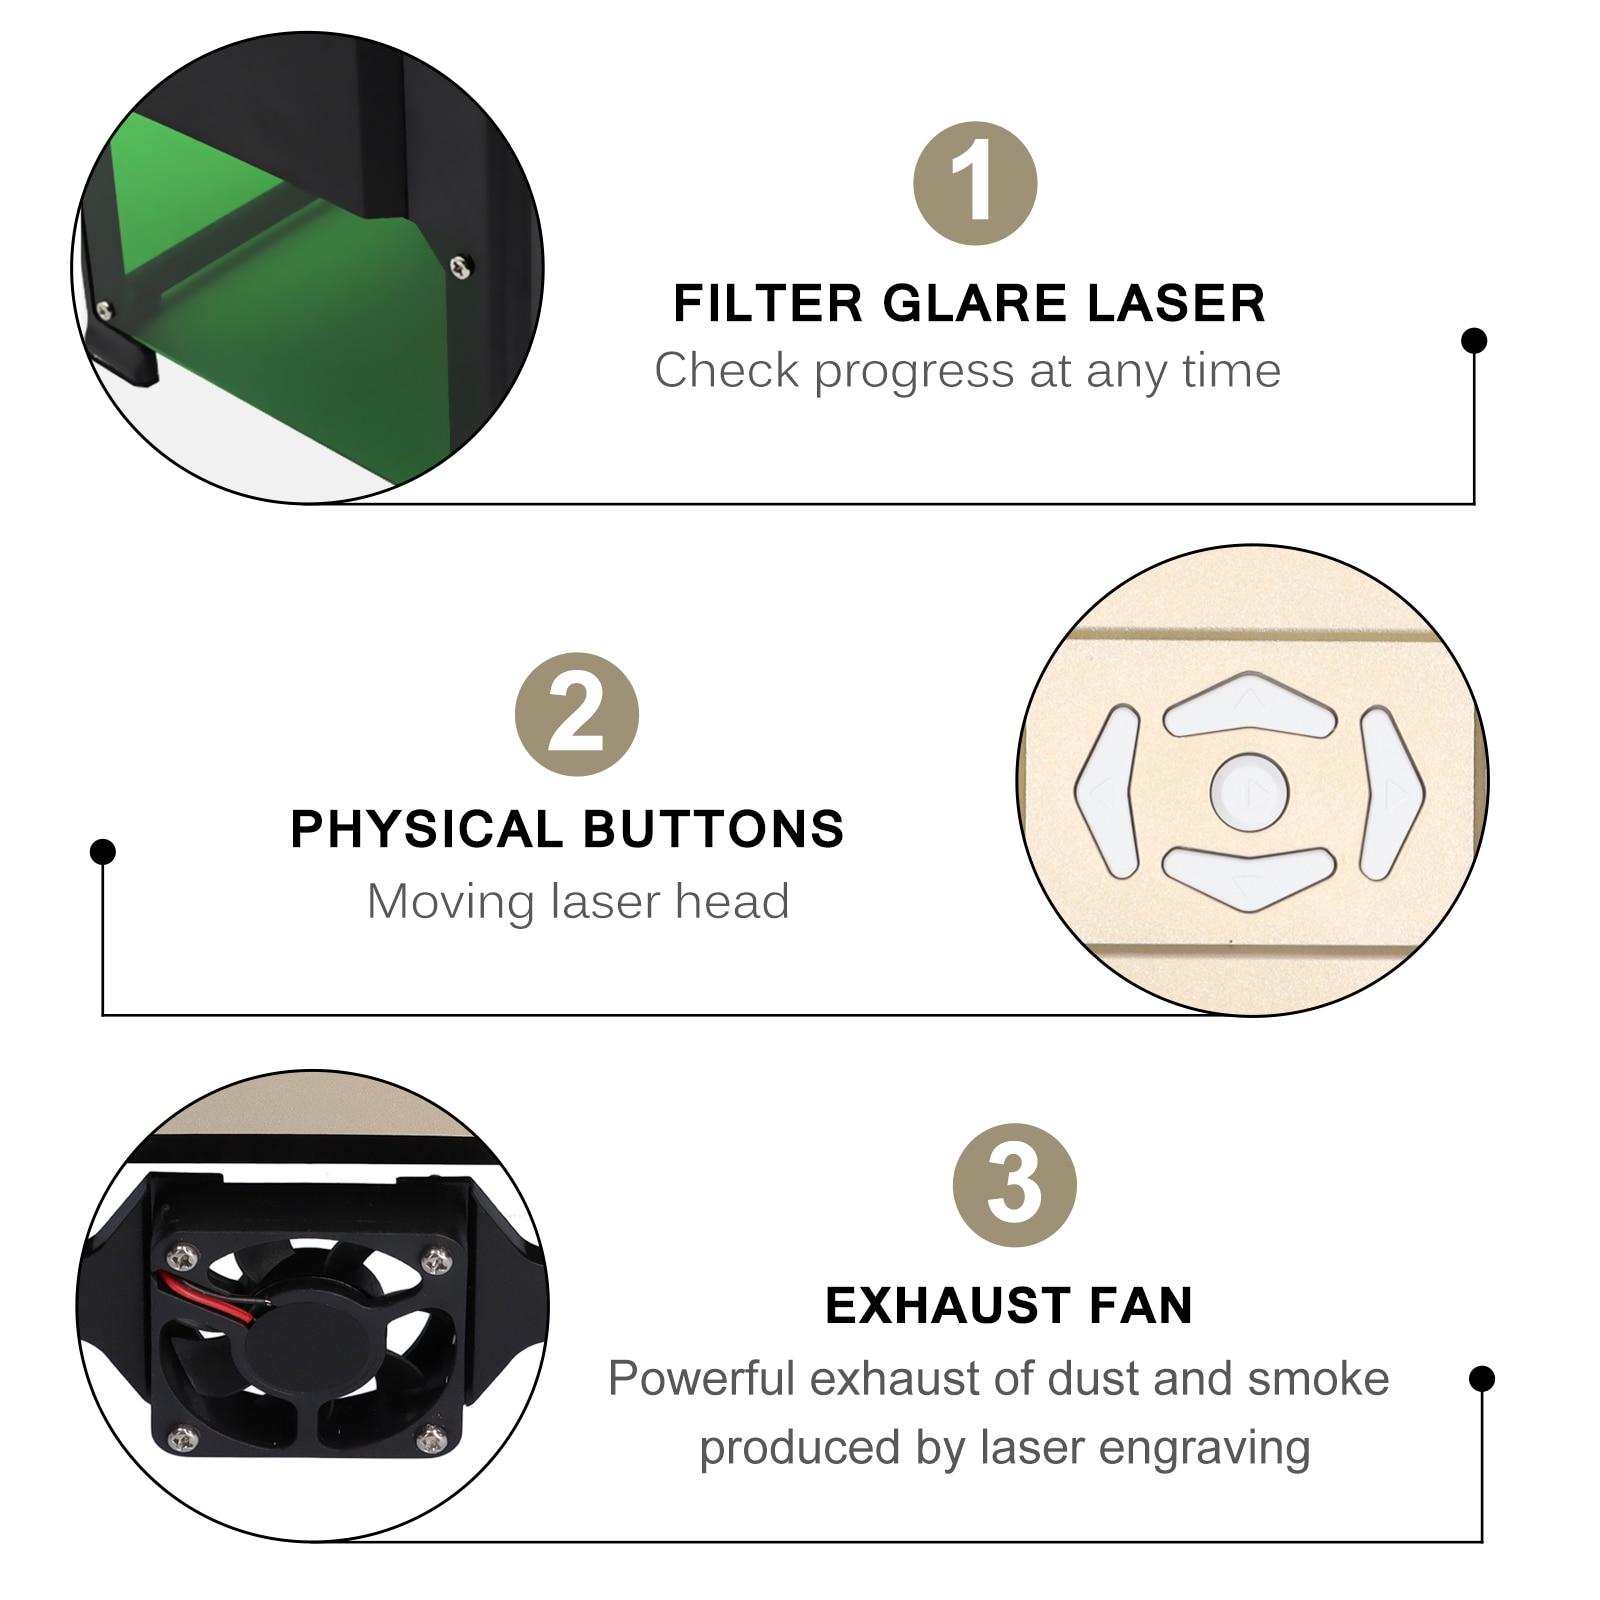 3000mw CNC Laser Engraver Mini Engraving Machine Household Desktop Printer 80x80mm/3.14x3.14in Engraving Range Engraver Machine enlarge